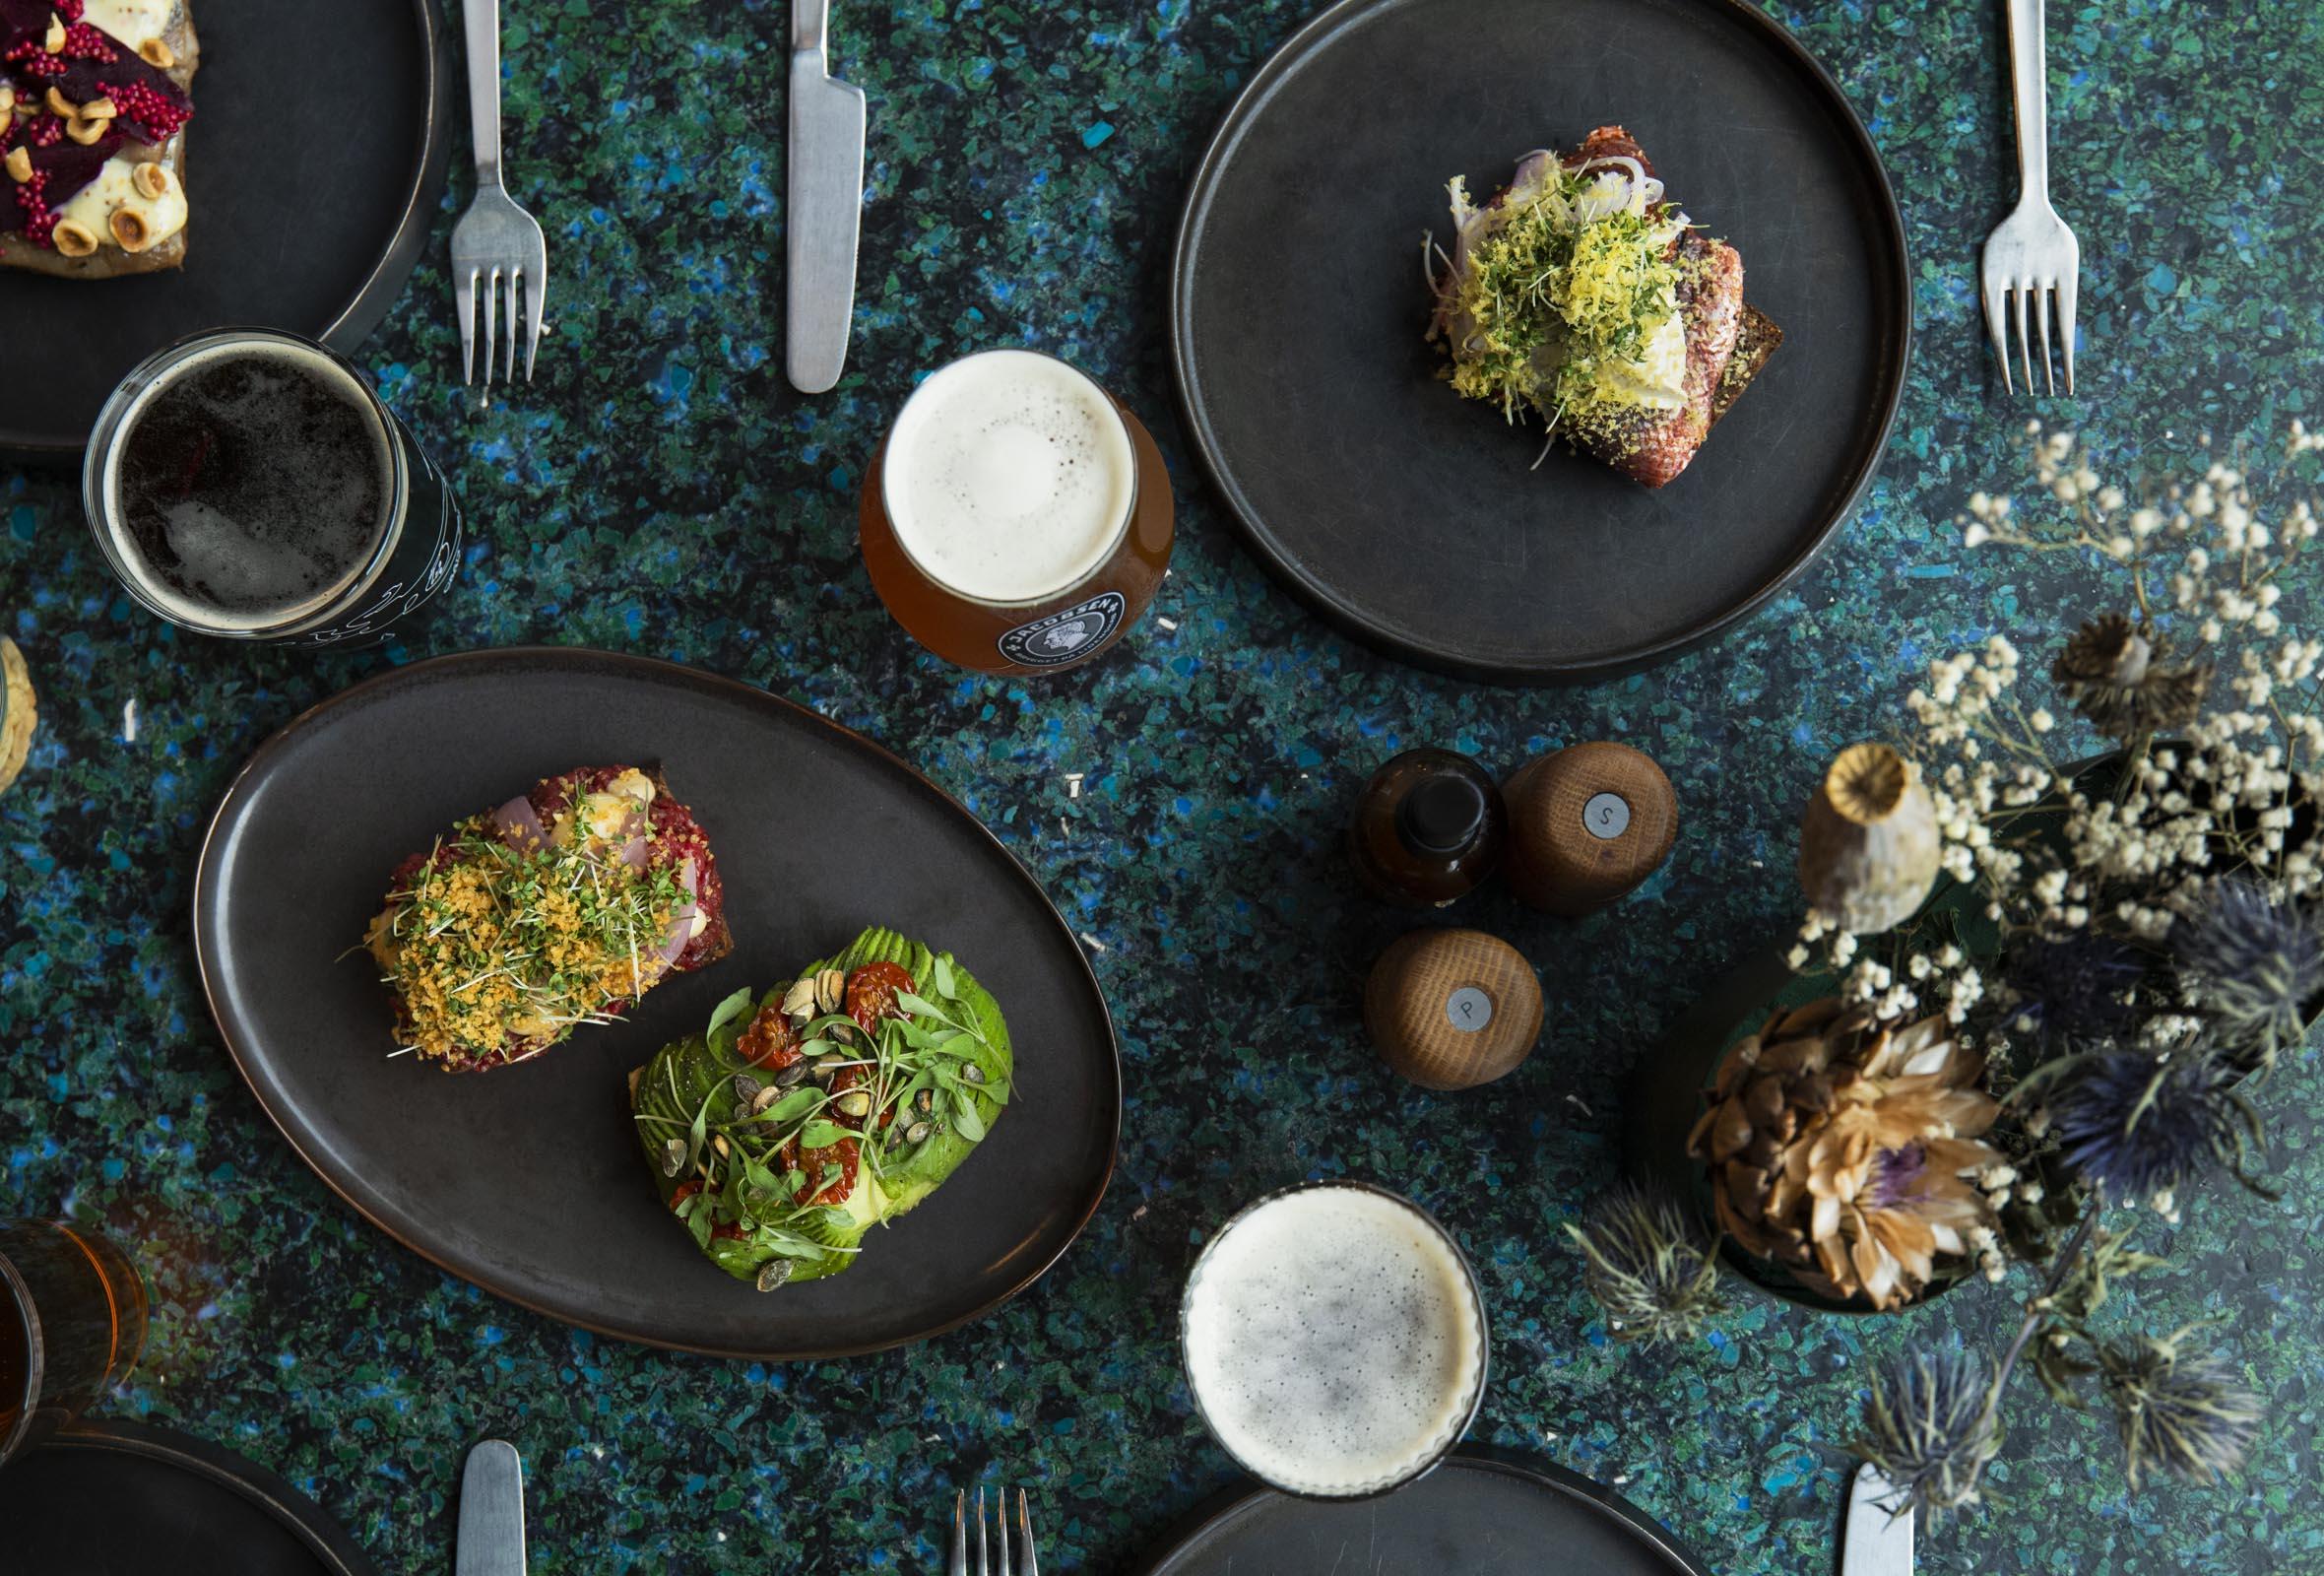 2 stk. smørrebrød + 1 fadøl hos Carls Øl- & Spisehus – Kæmpe restaurant og ølbar anbefales af alt fra Politiken til Berlingske